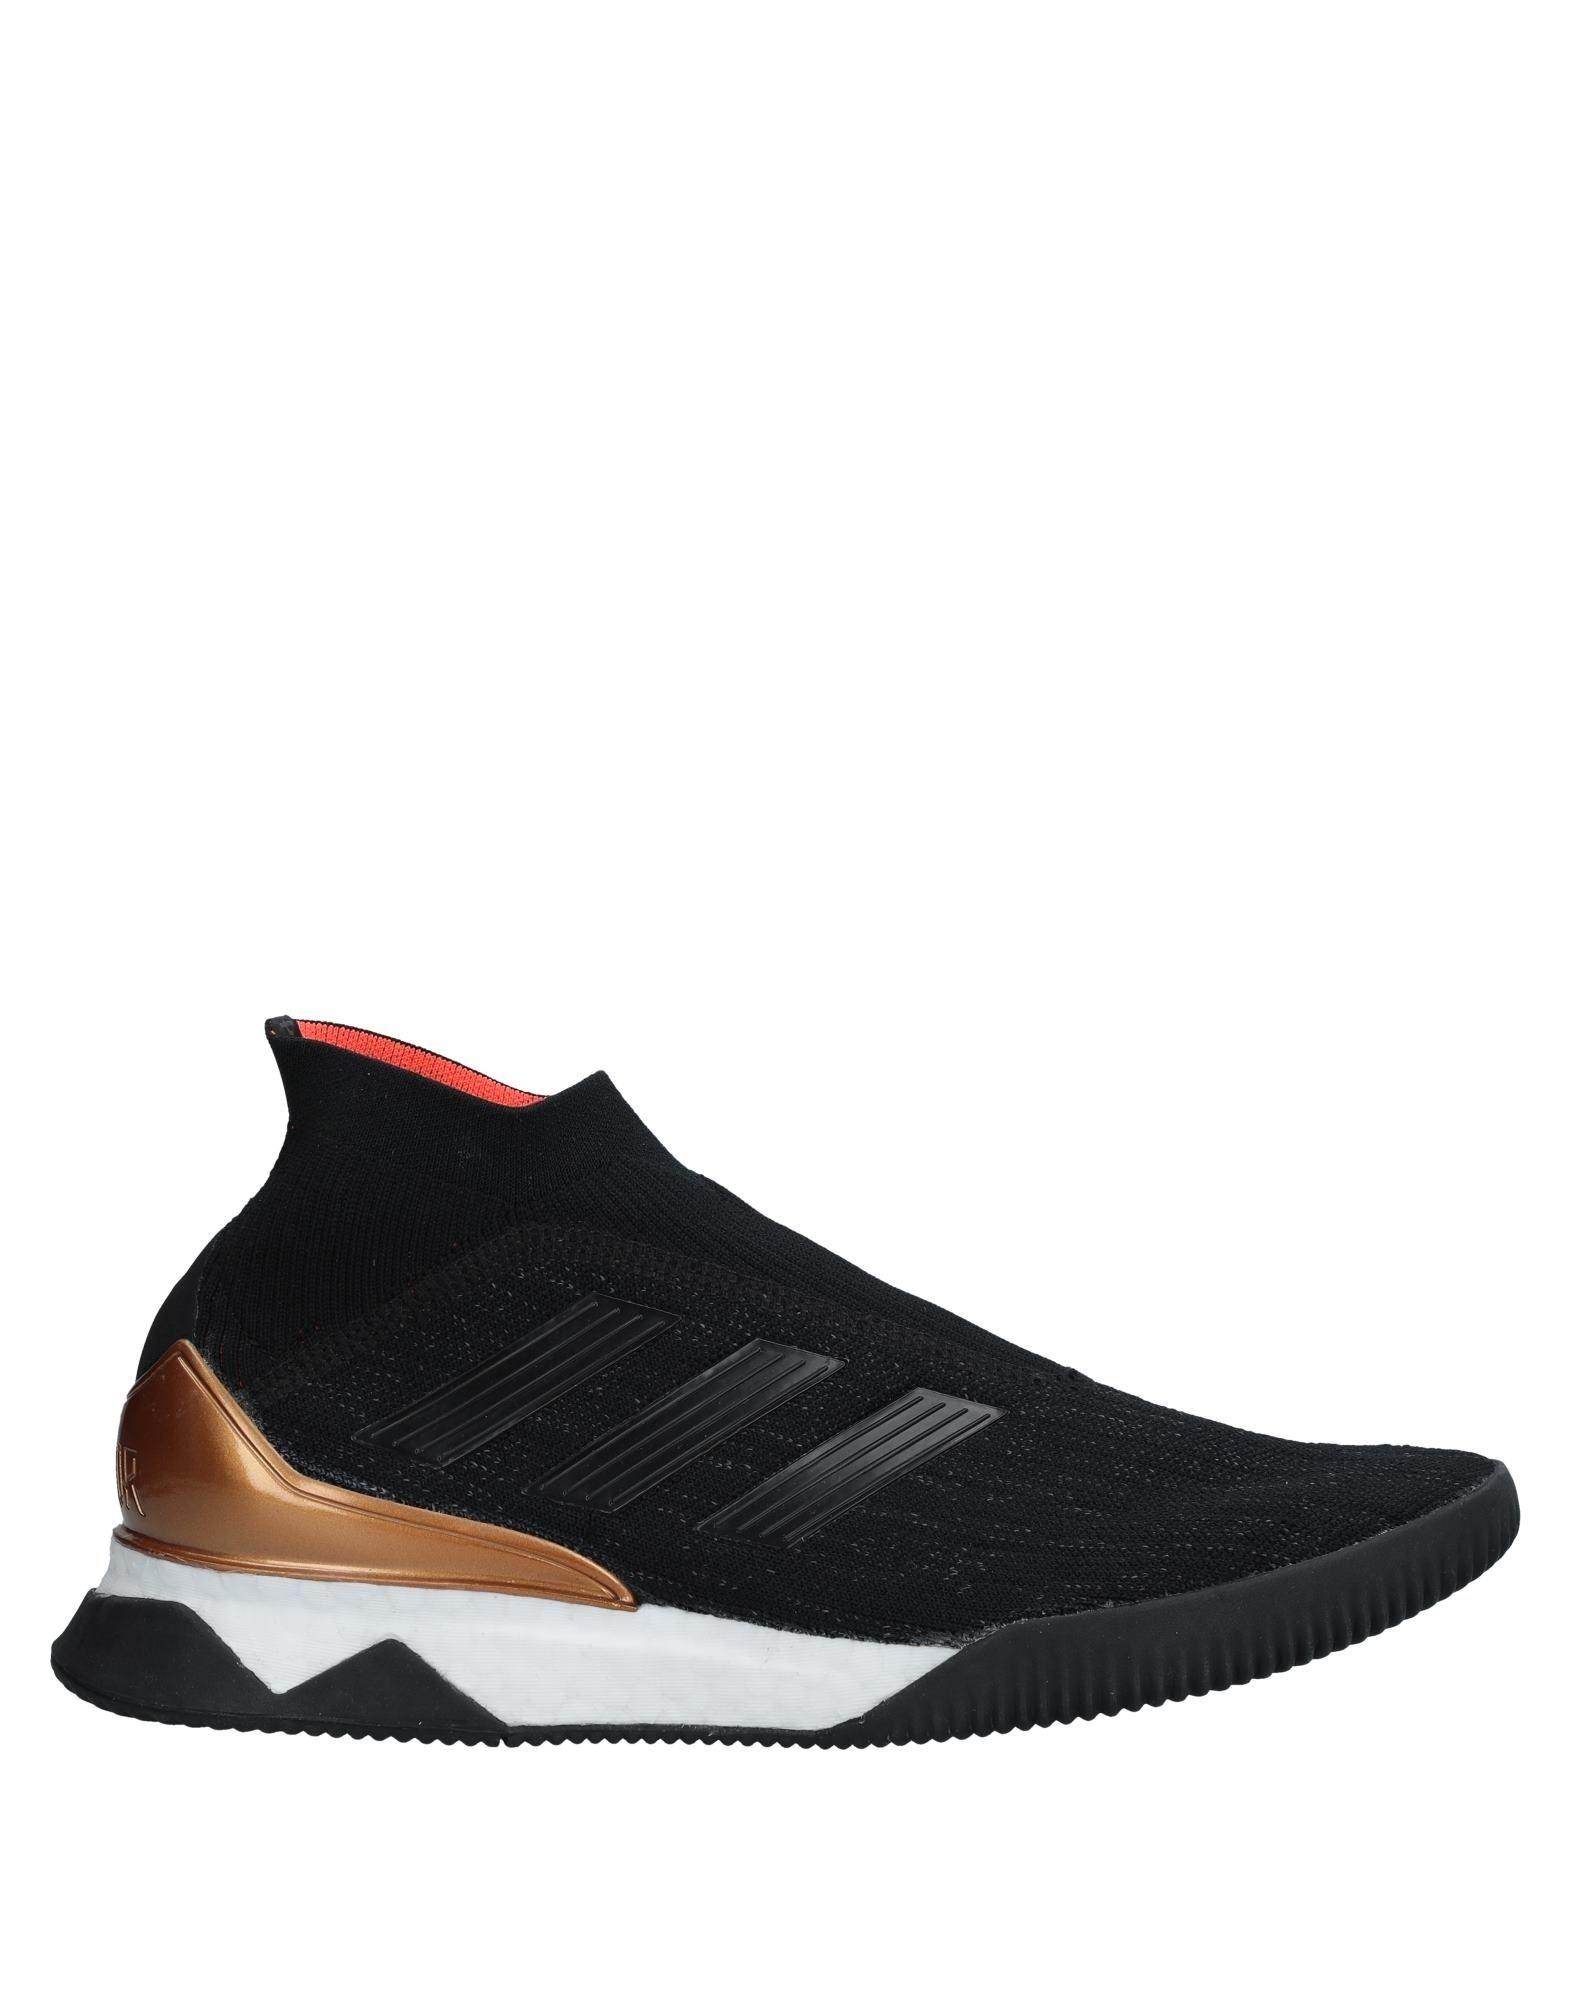 Adidas Gute Sneakers Herren  11541966HT Gute Adidas Qualität beliebte Schuhe 7a9523